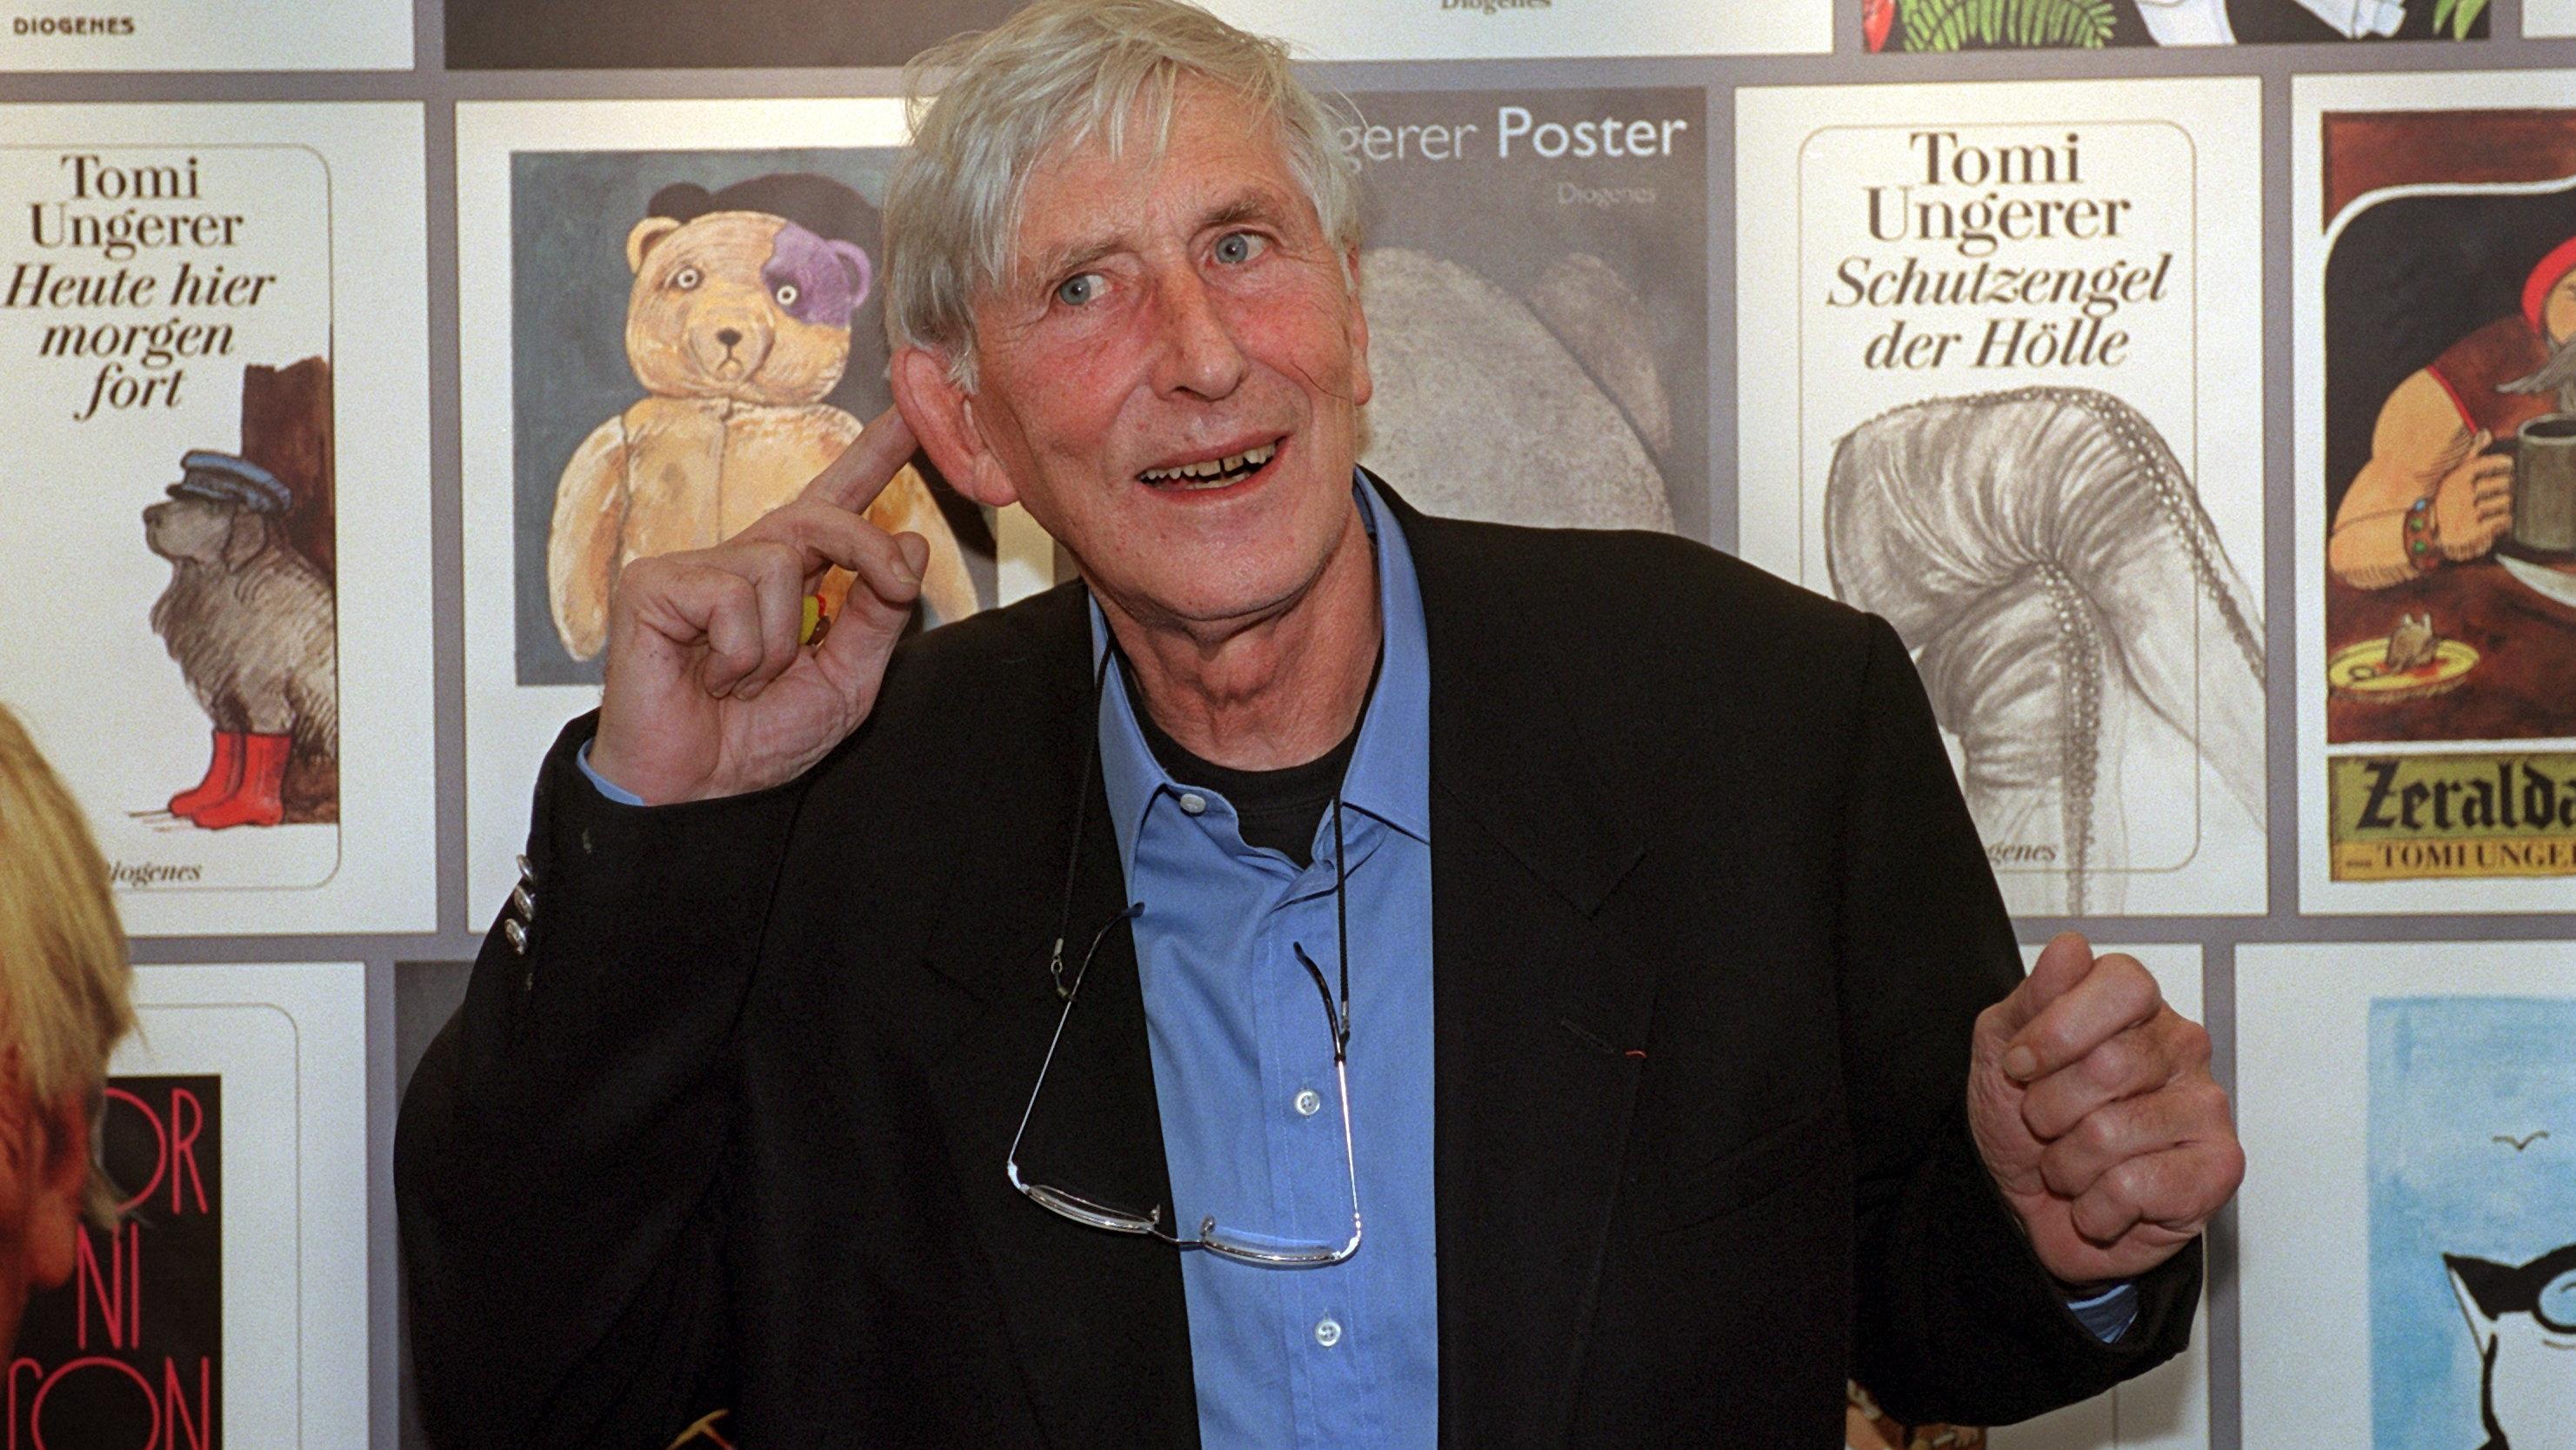 Tomi Ungerer am 11.10.2001 auf der Frankfurter Buchmesse